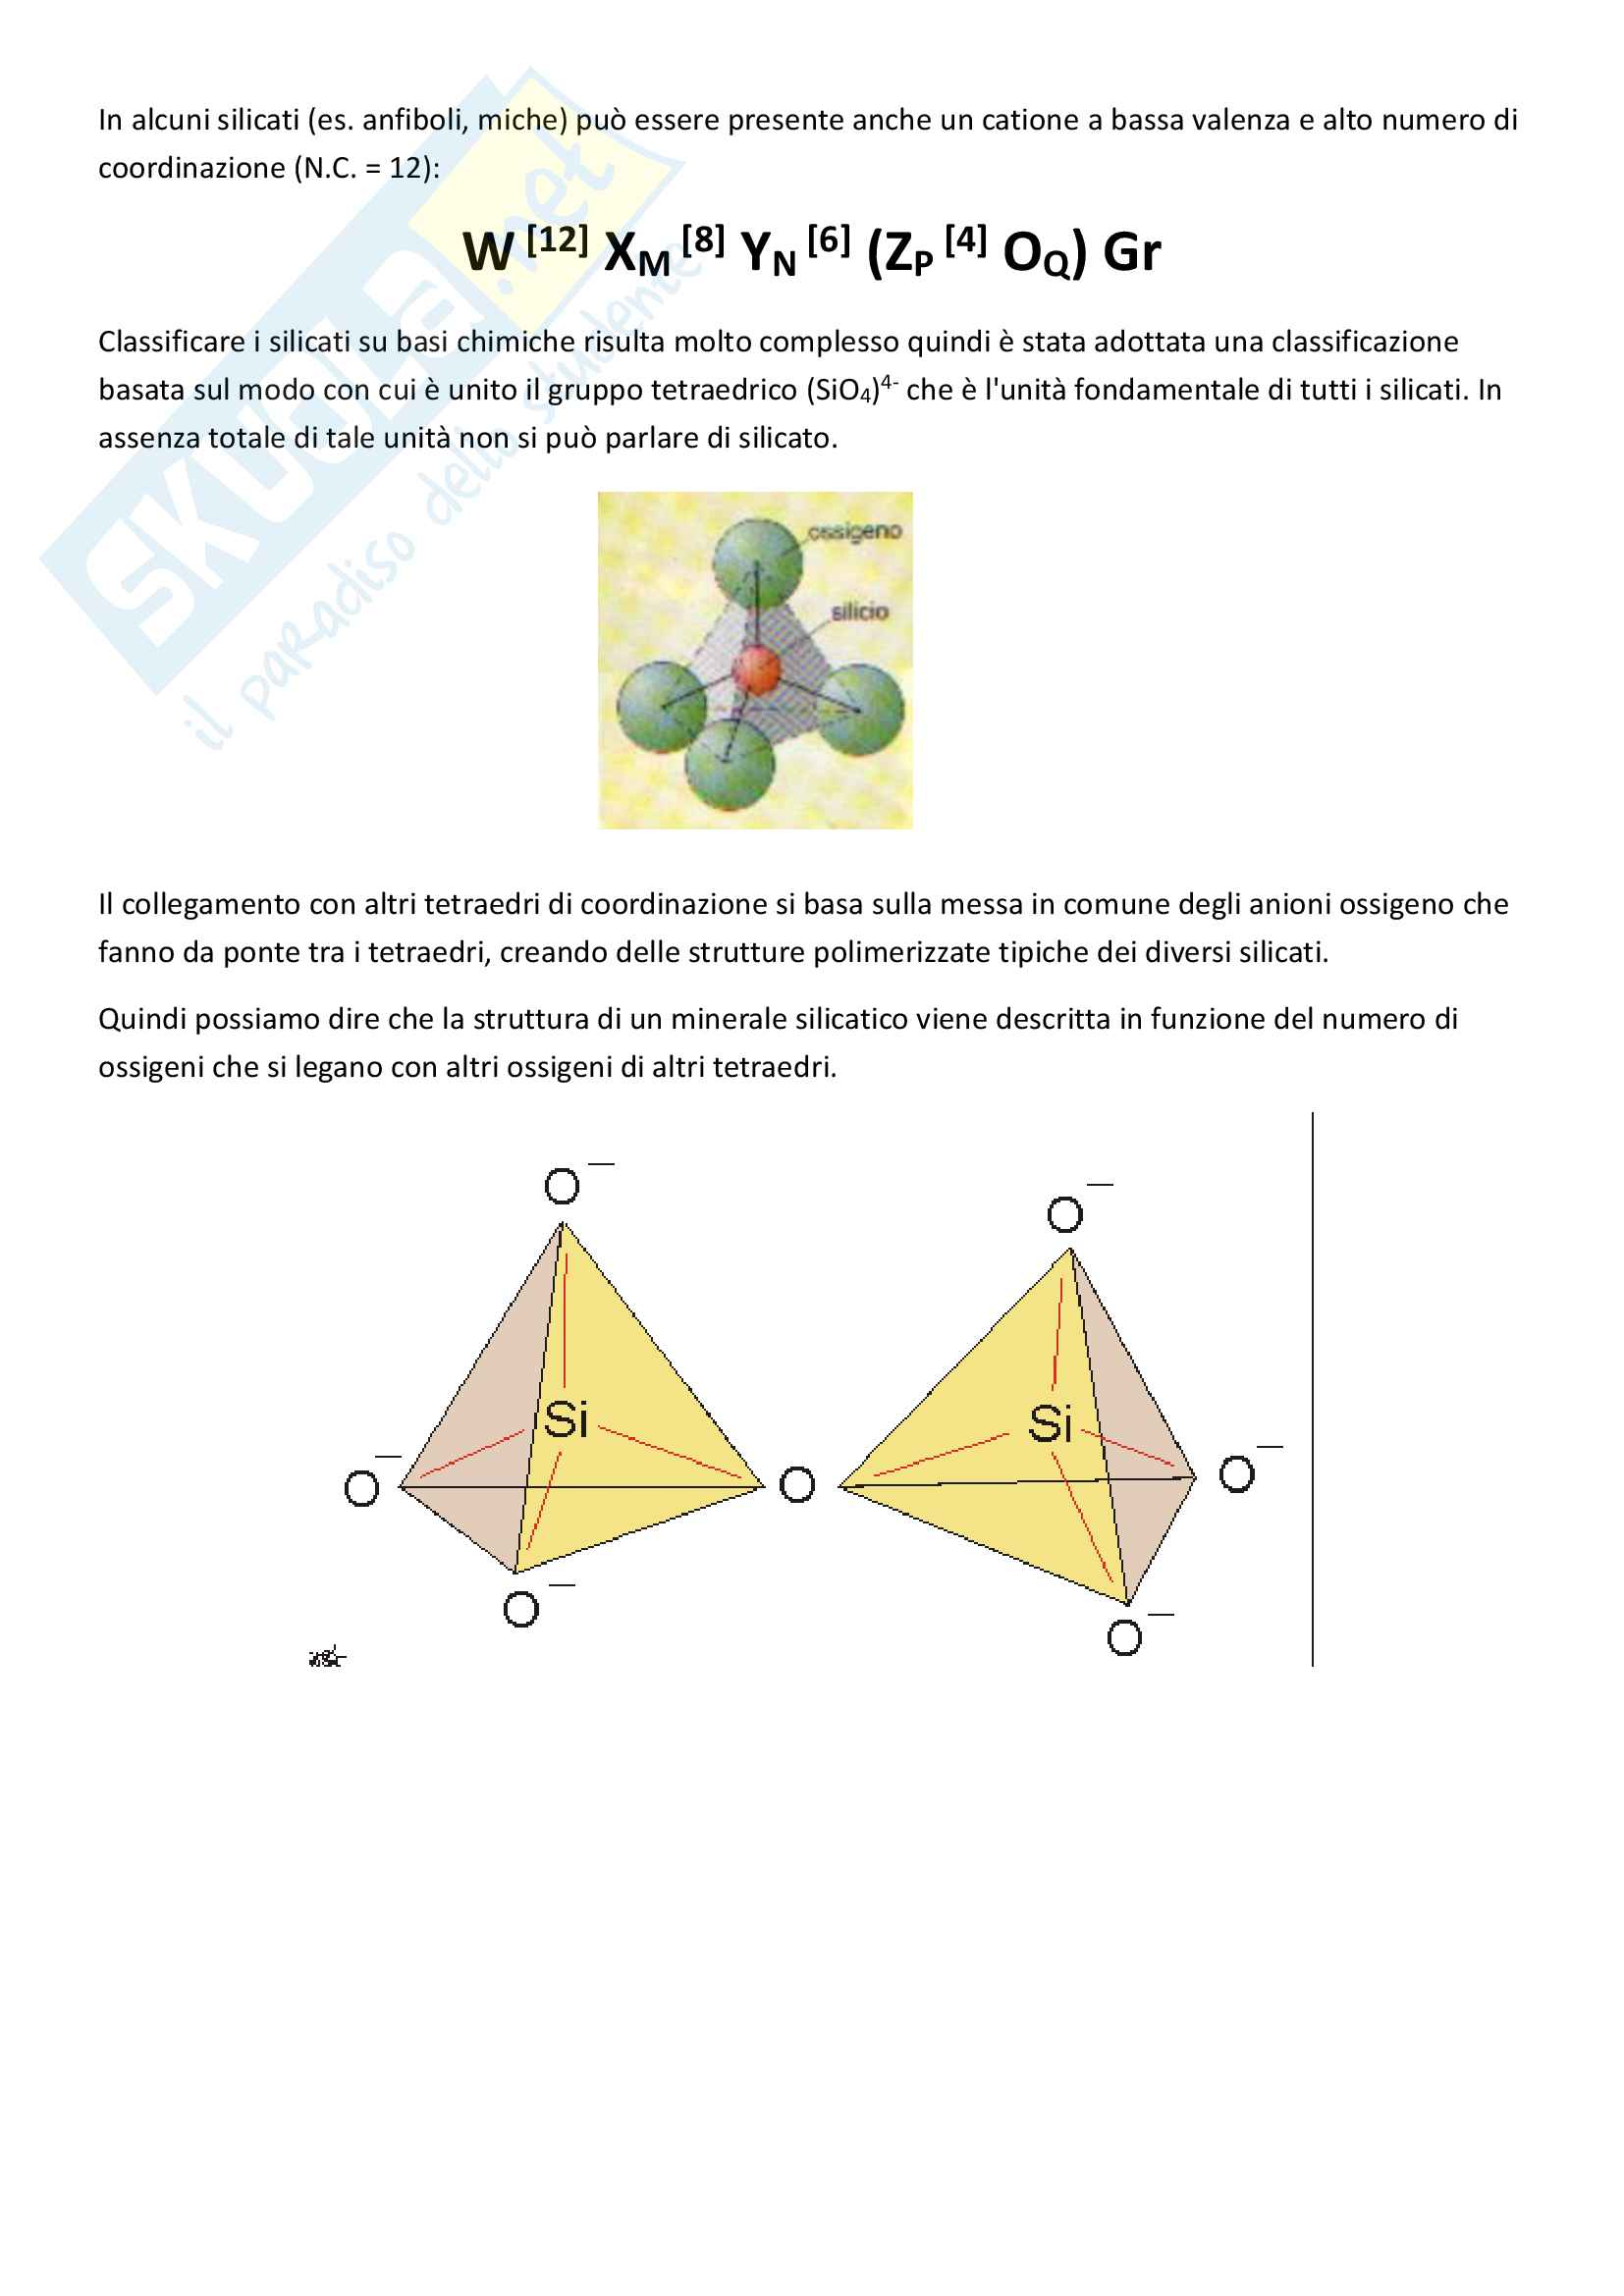 Classificazione dei minerali - Mineralogia Pag. 2